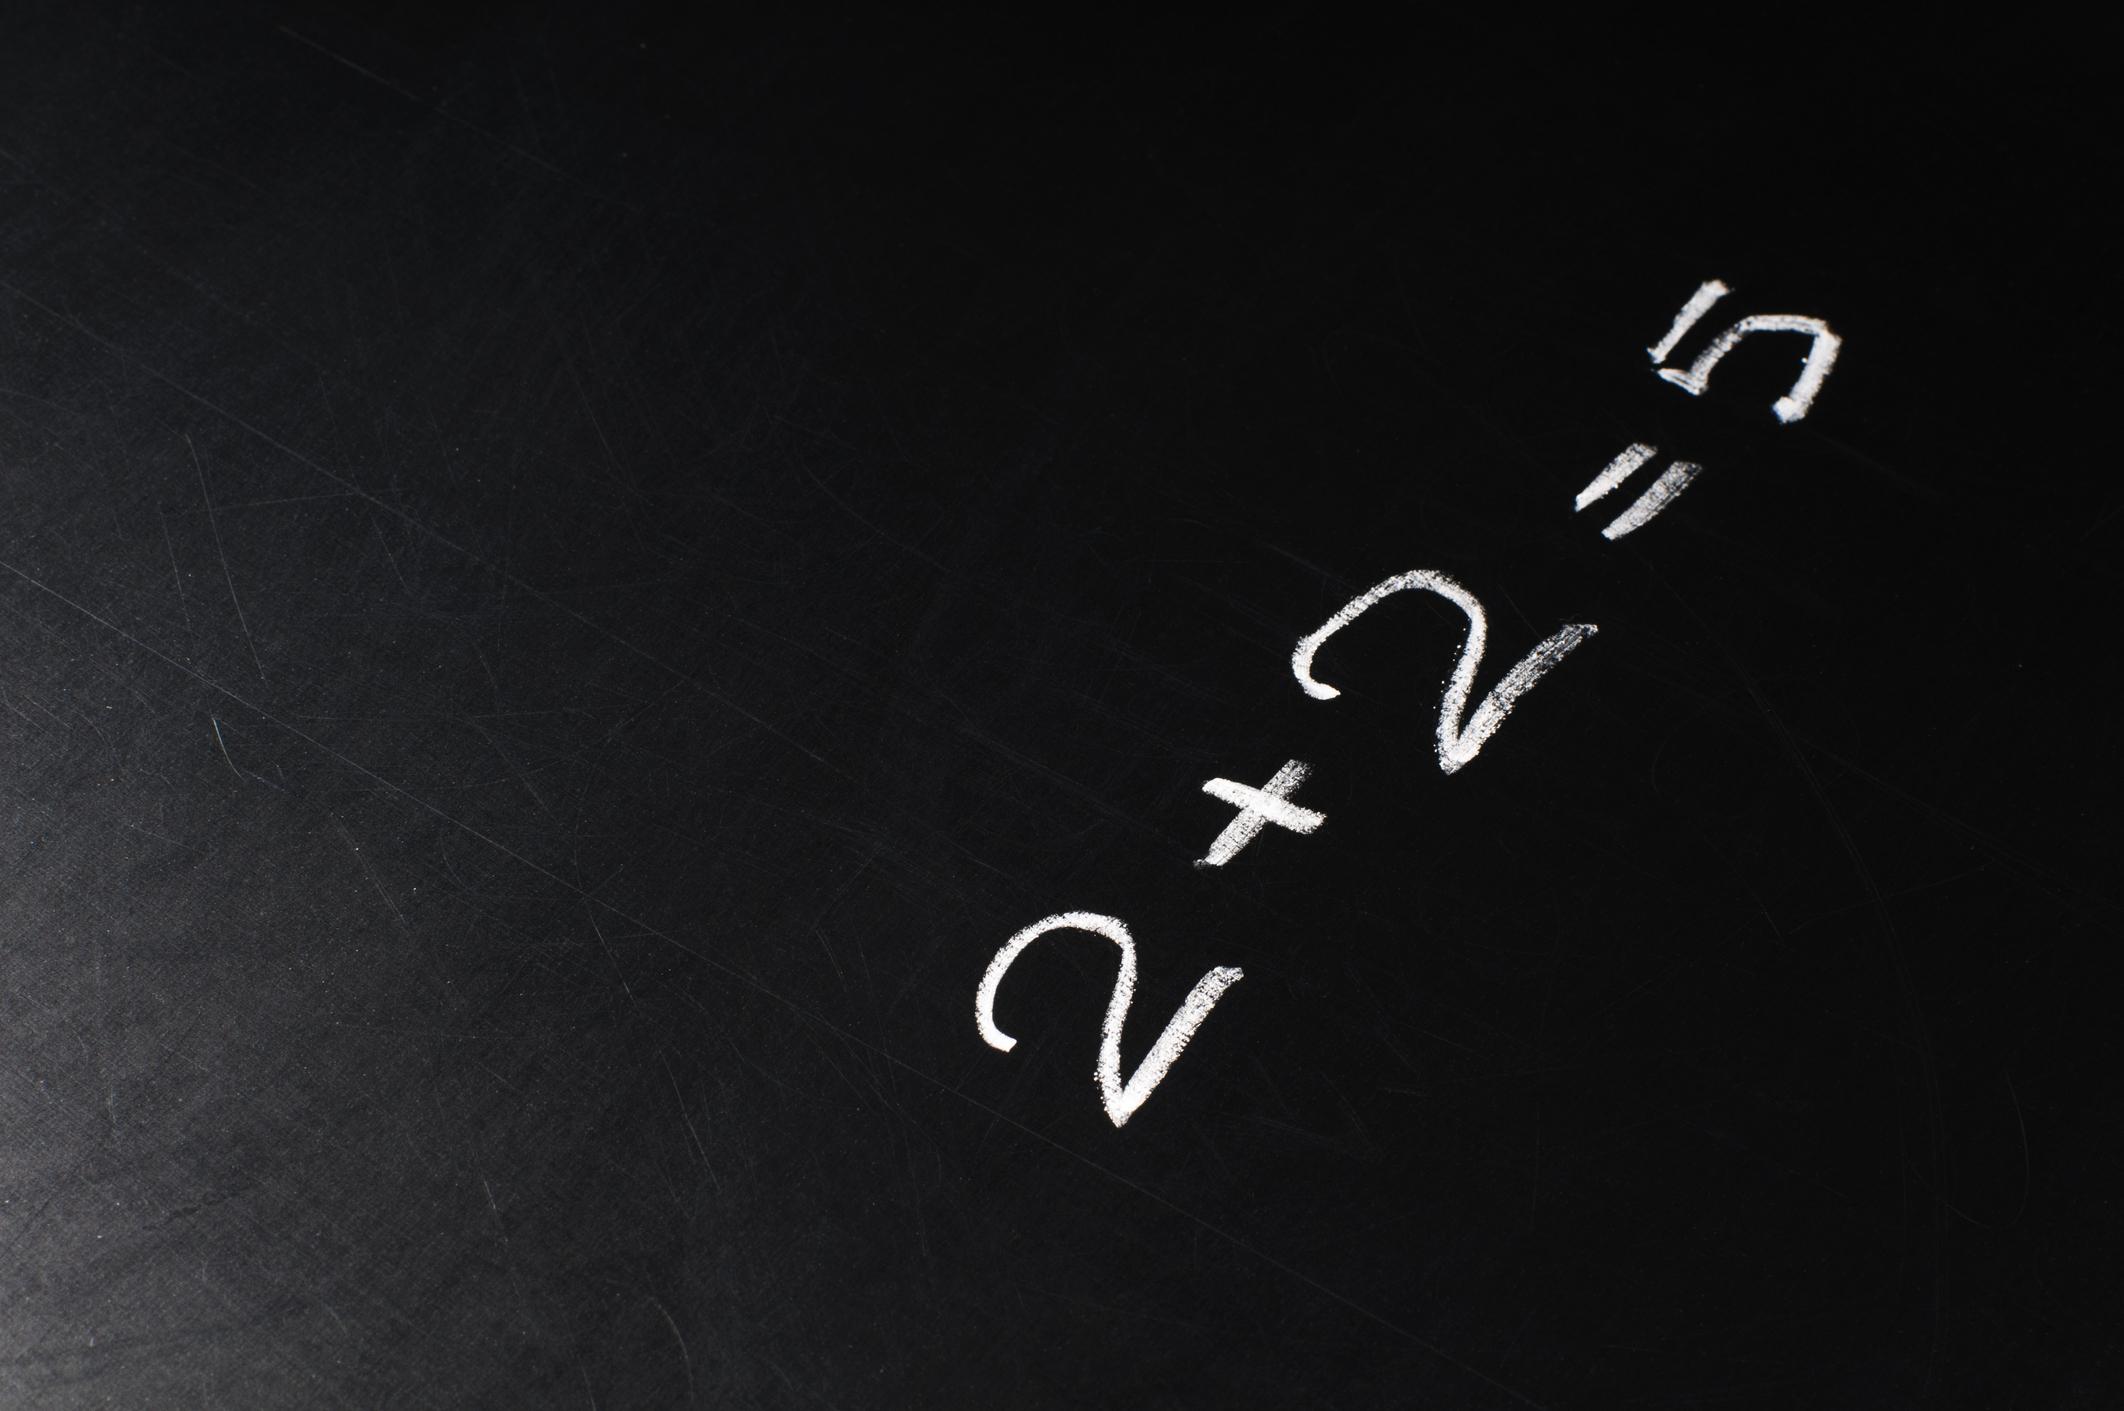 2+2=5 written on a chalkboard.